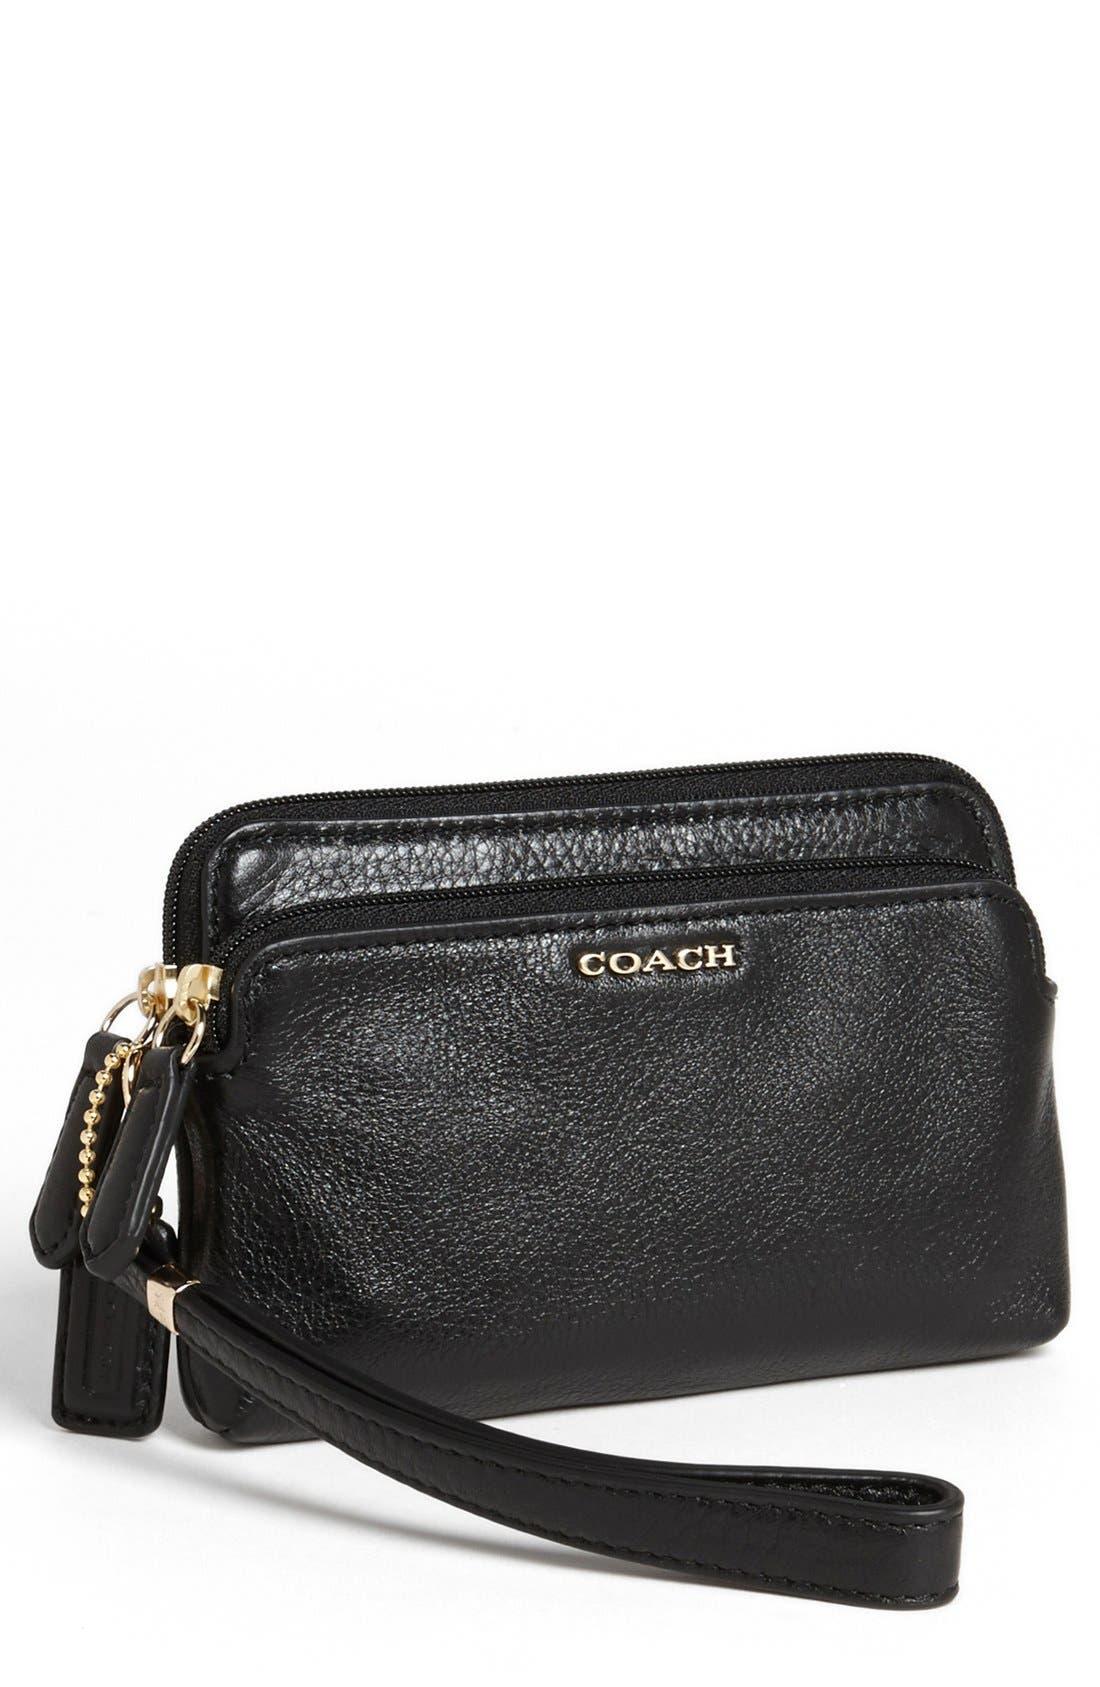 coach madison leather wristlet nordstrom rh shop nordstrom com